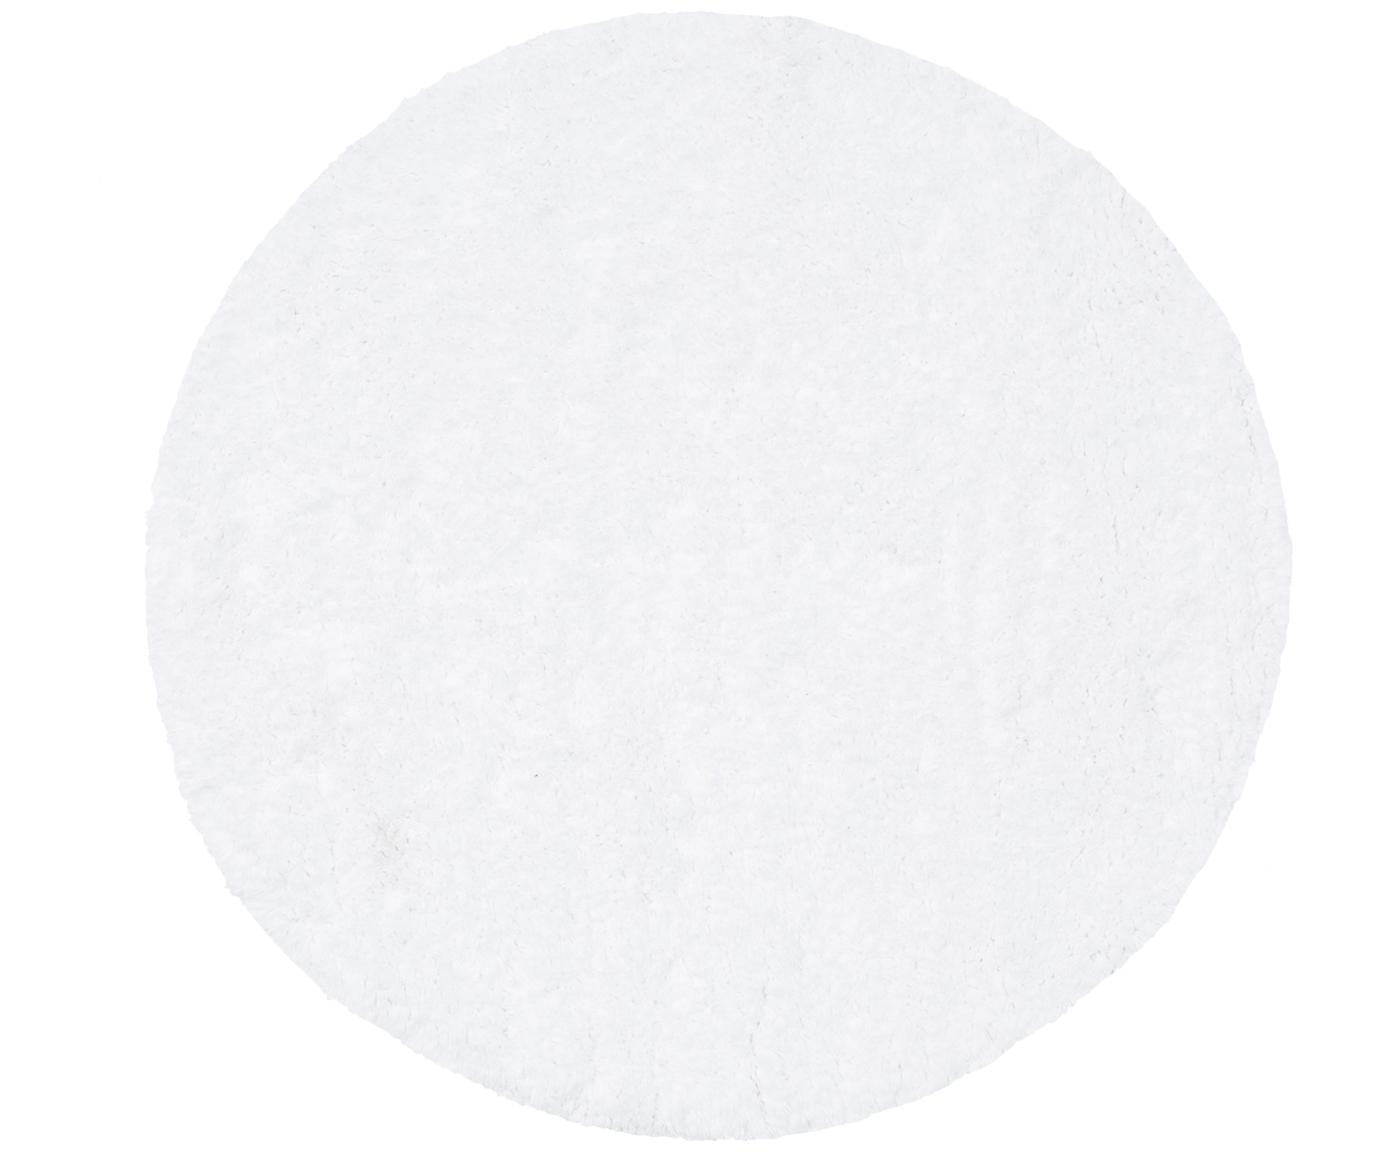 Tappeto bagno non antiscivolo Luna, Bianco, Ø 60 cm